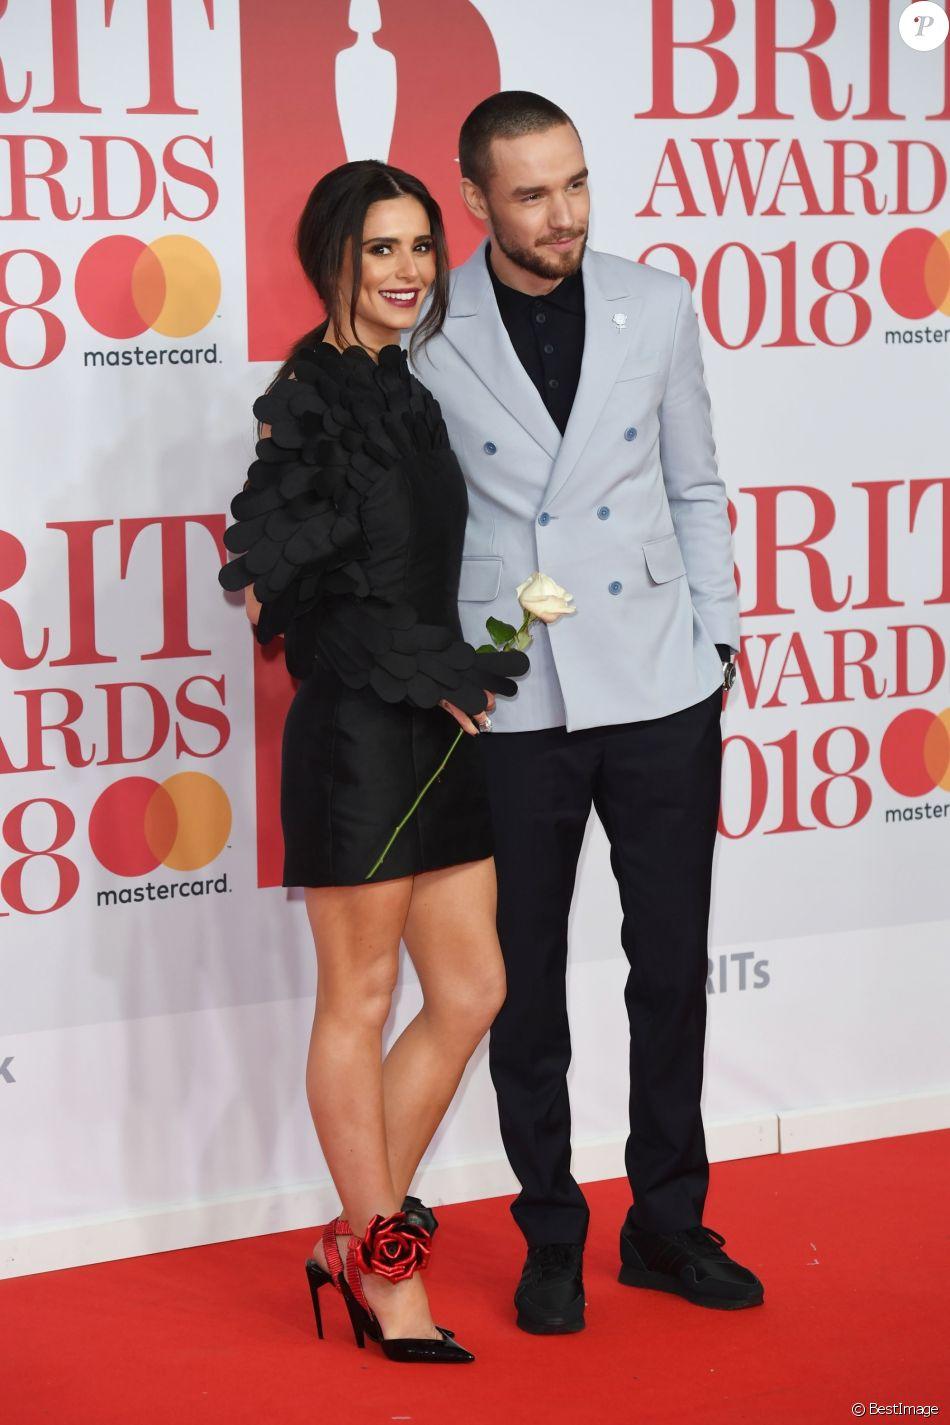 Cheryl Cole et Liam Payne - 38e cérémonie des Brit Awards, le 21 février 2018 à Londres